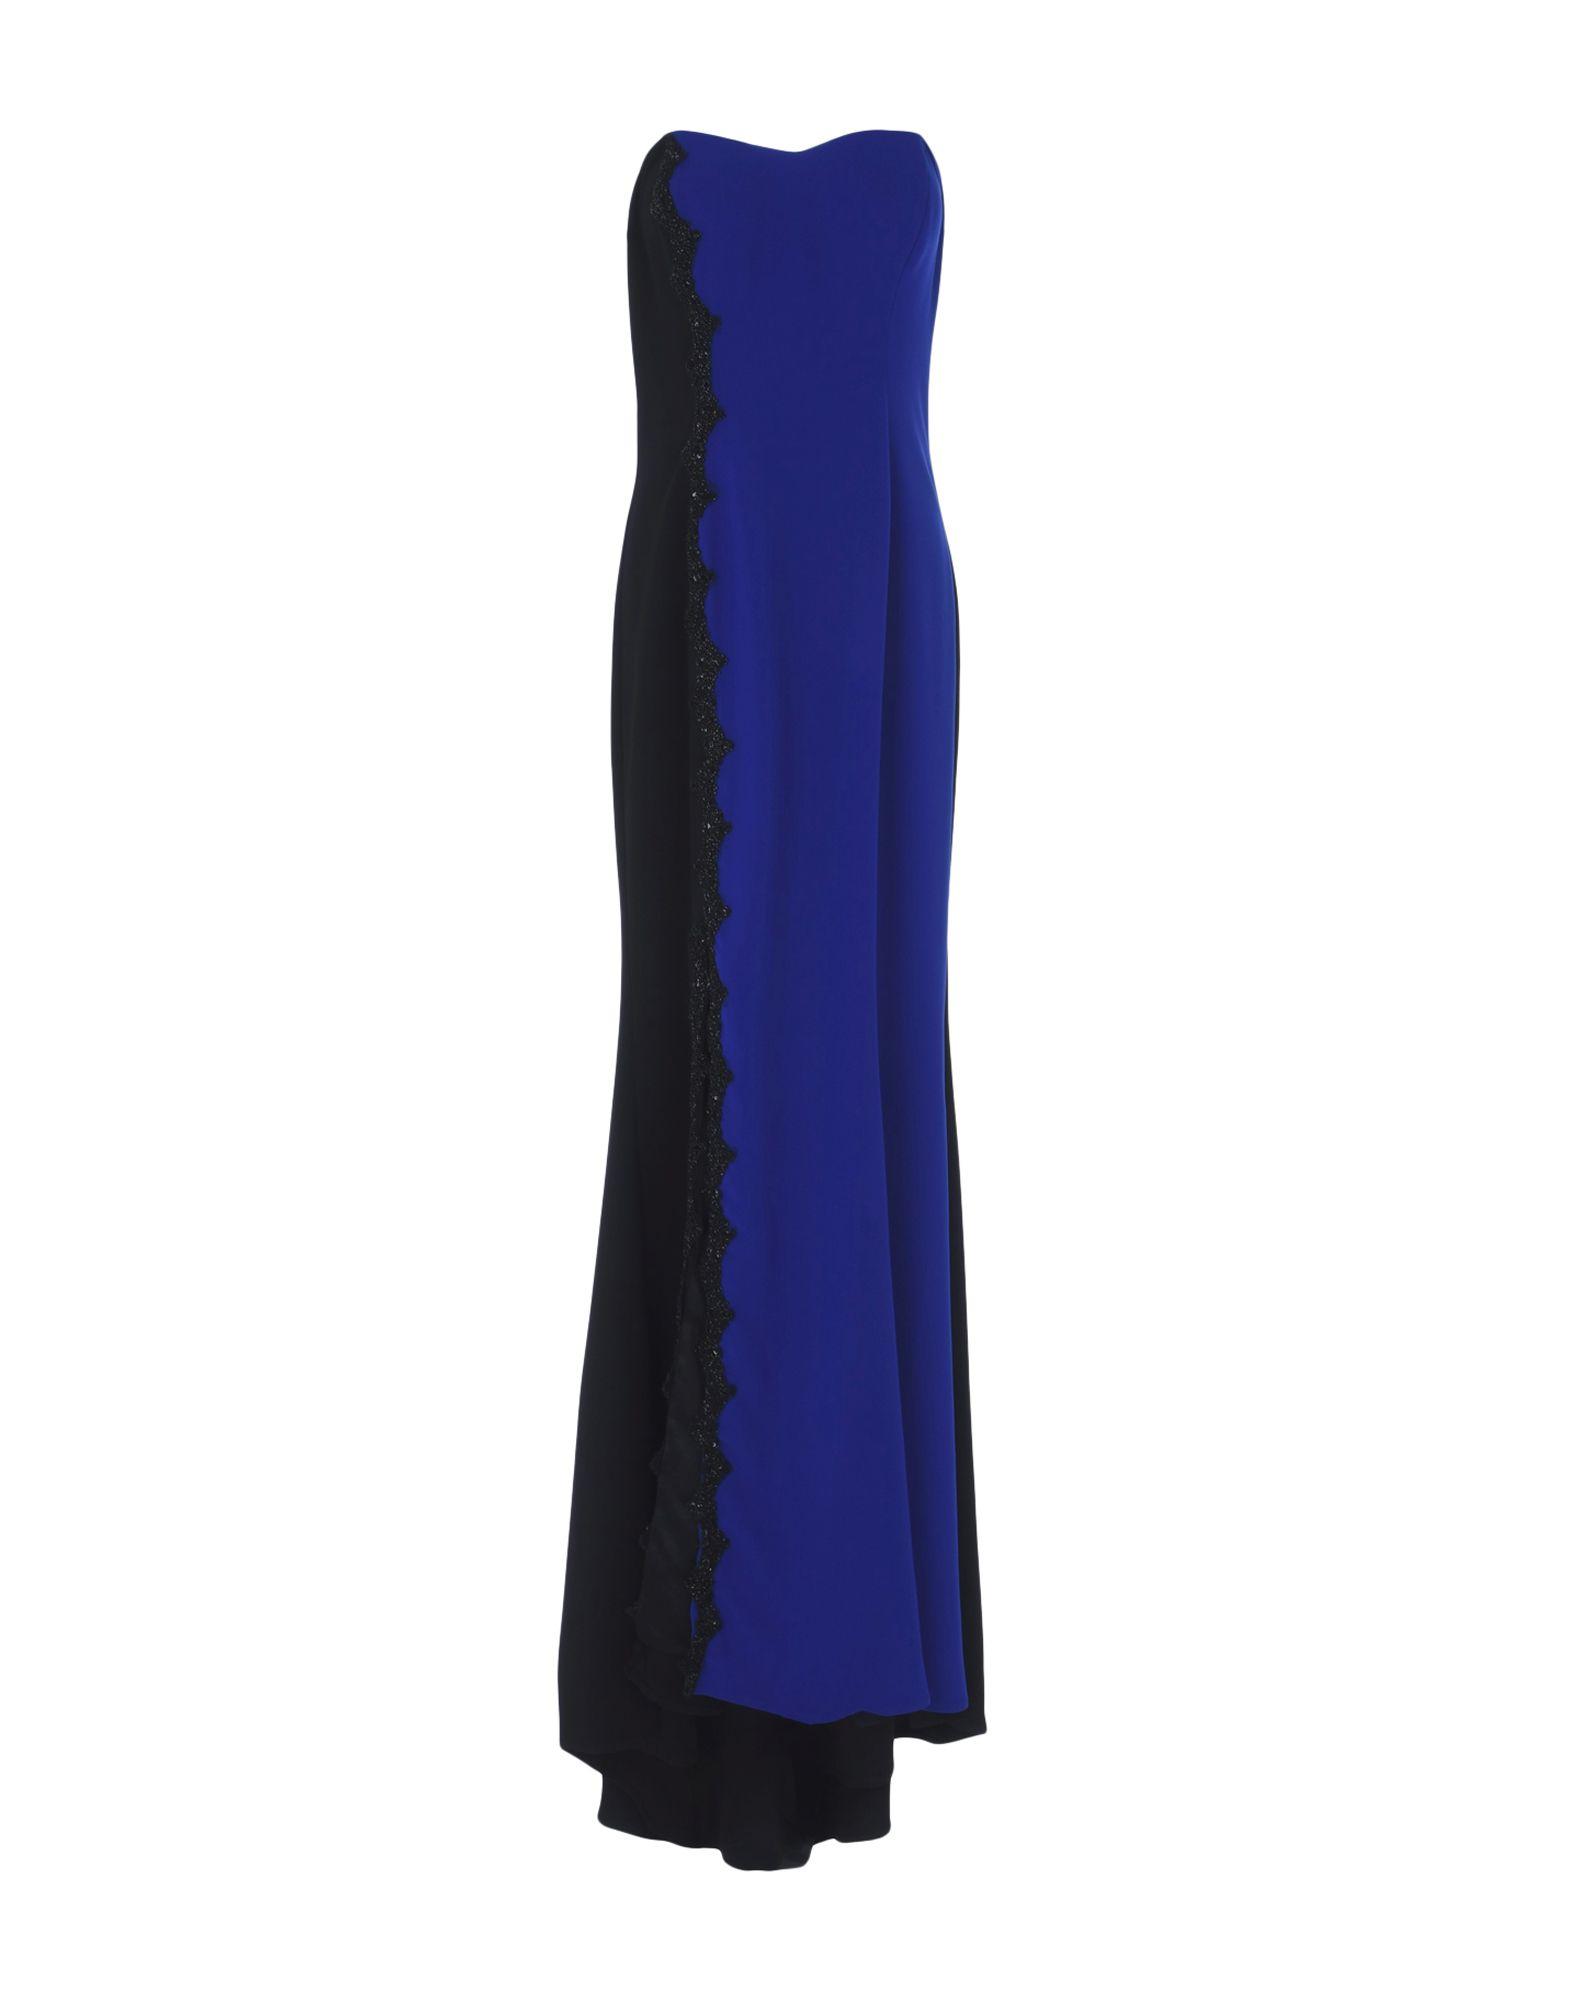 CARLO PIGNATELLI CERIMONIA Длинное платье платье короткое спереди длинное сзади летнее